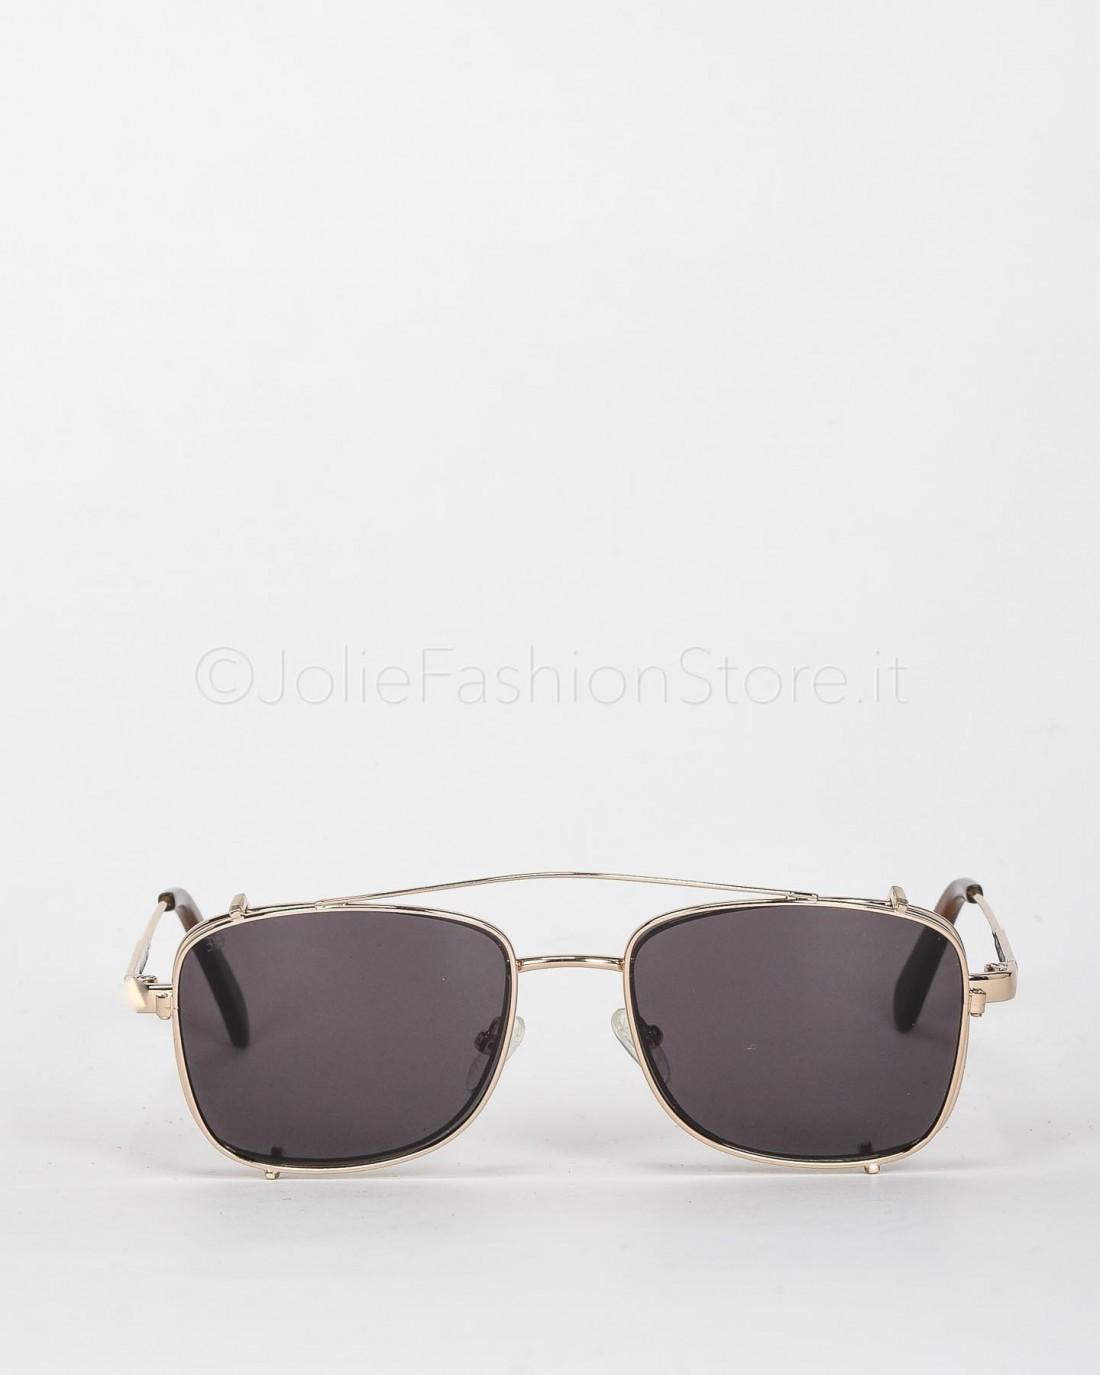 Blinded Occhiali da Sole Mod. Sant Antoni in Metallo Oro con Lente Beige con Clip On Marrone  SANT ANTONI GOLD